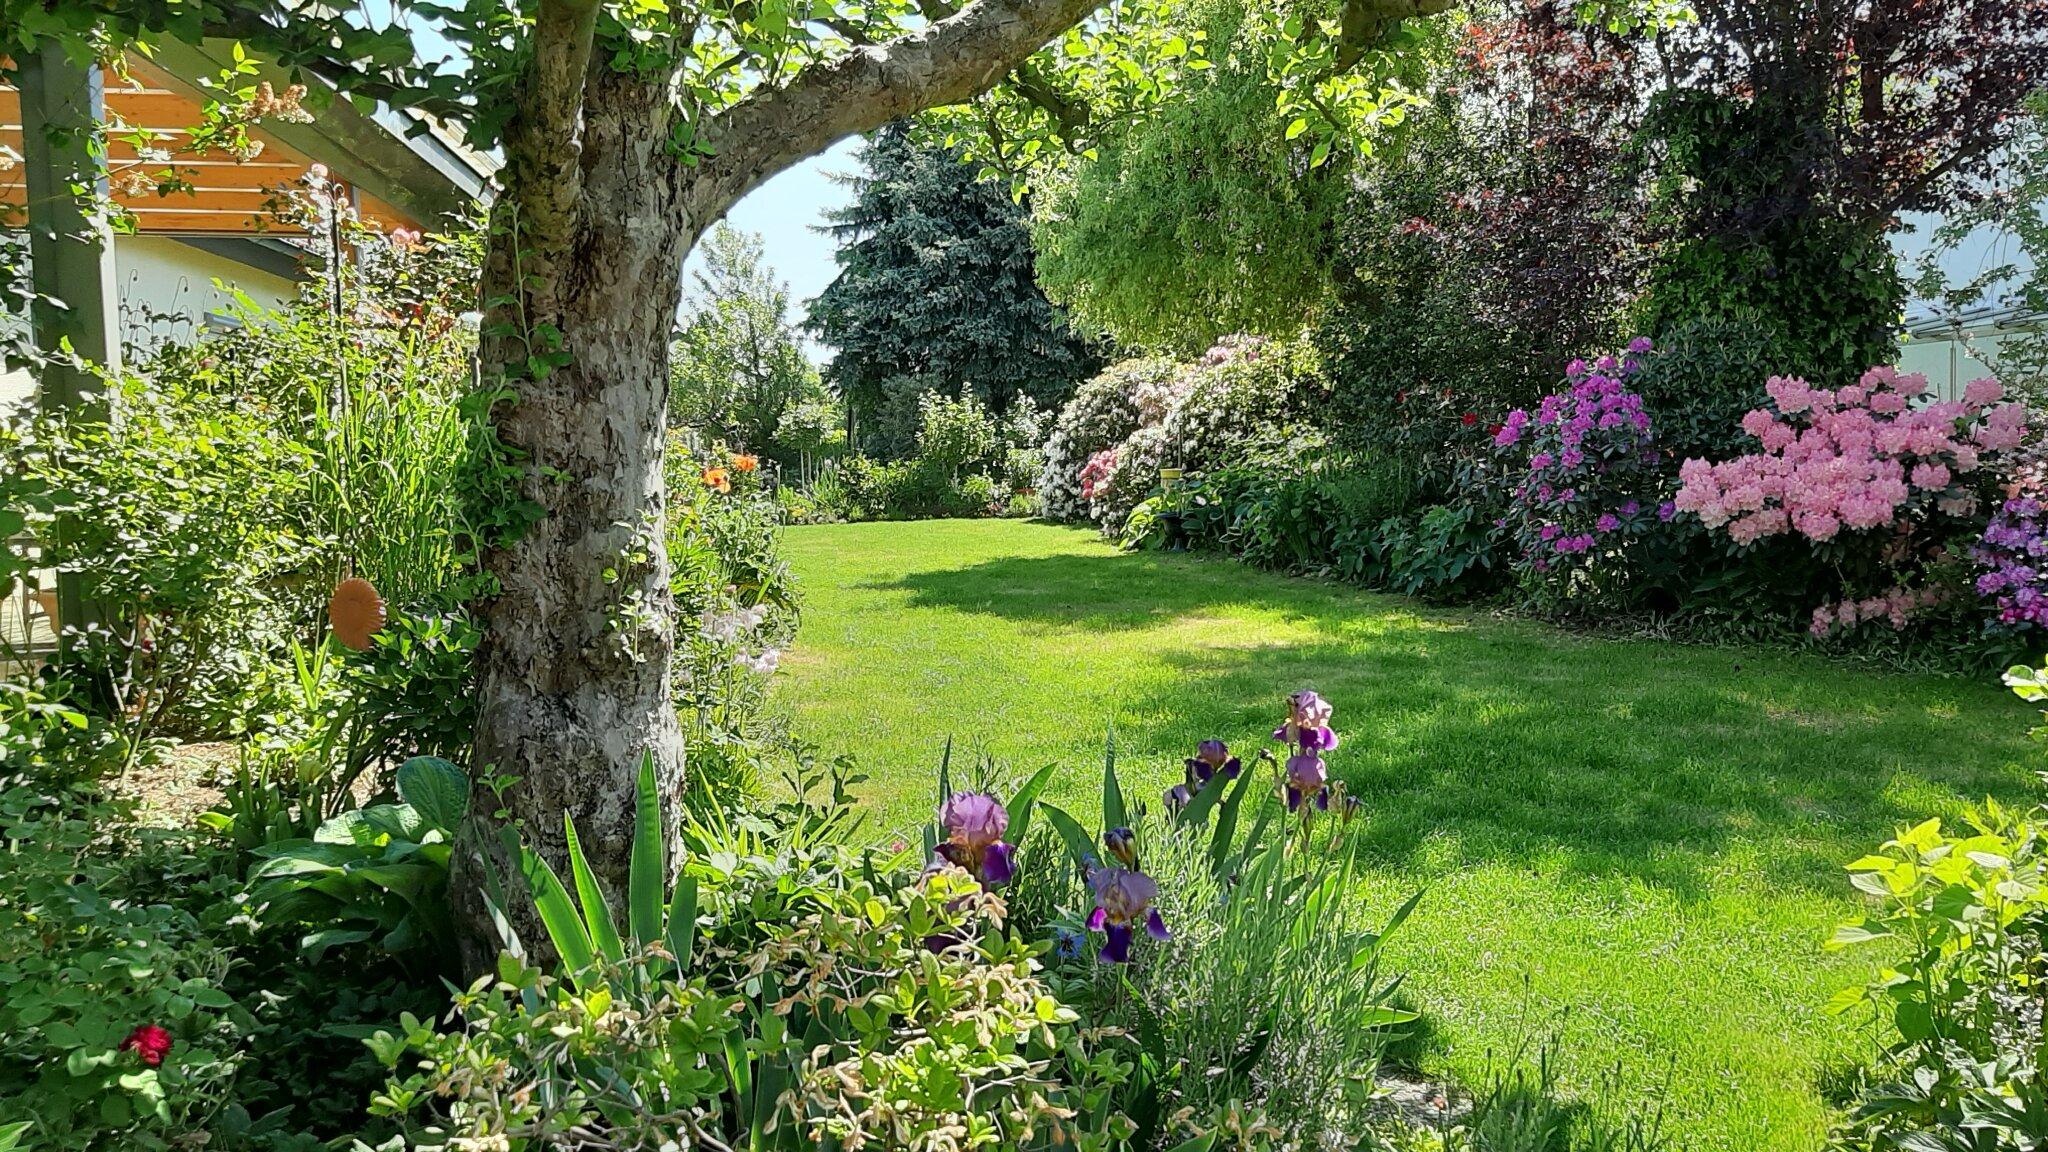 Gartenbenützung erlaubt